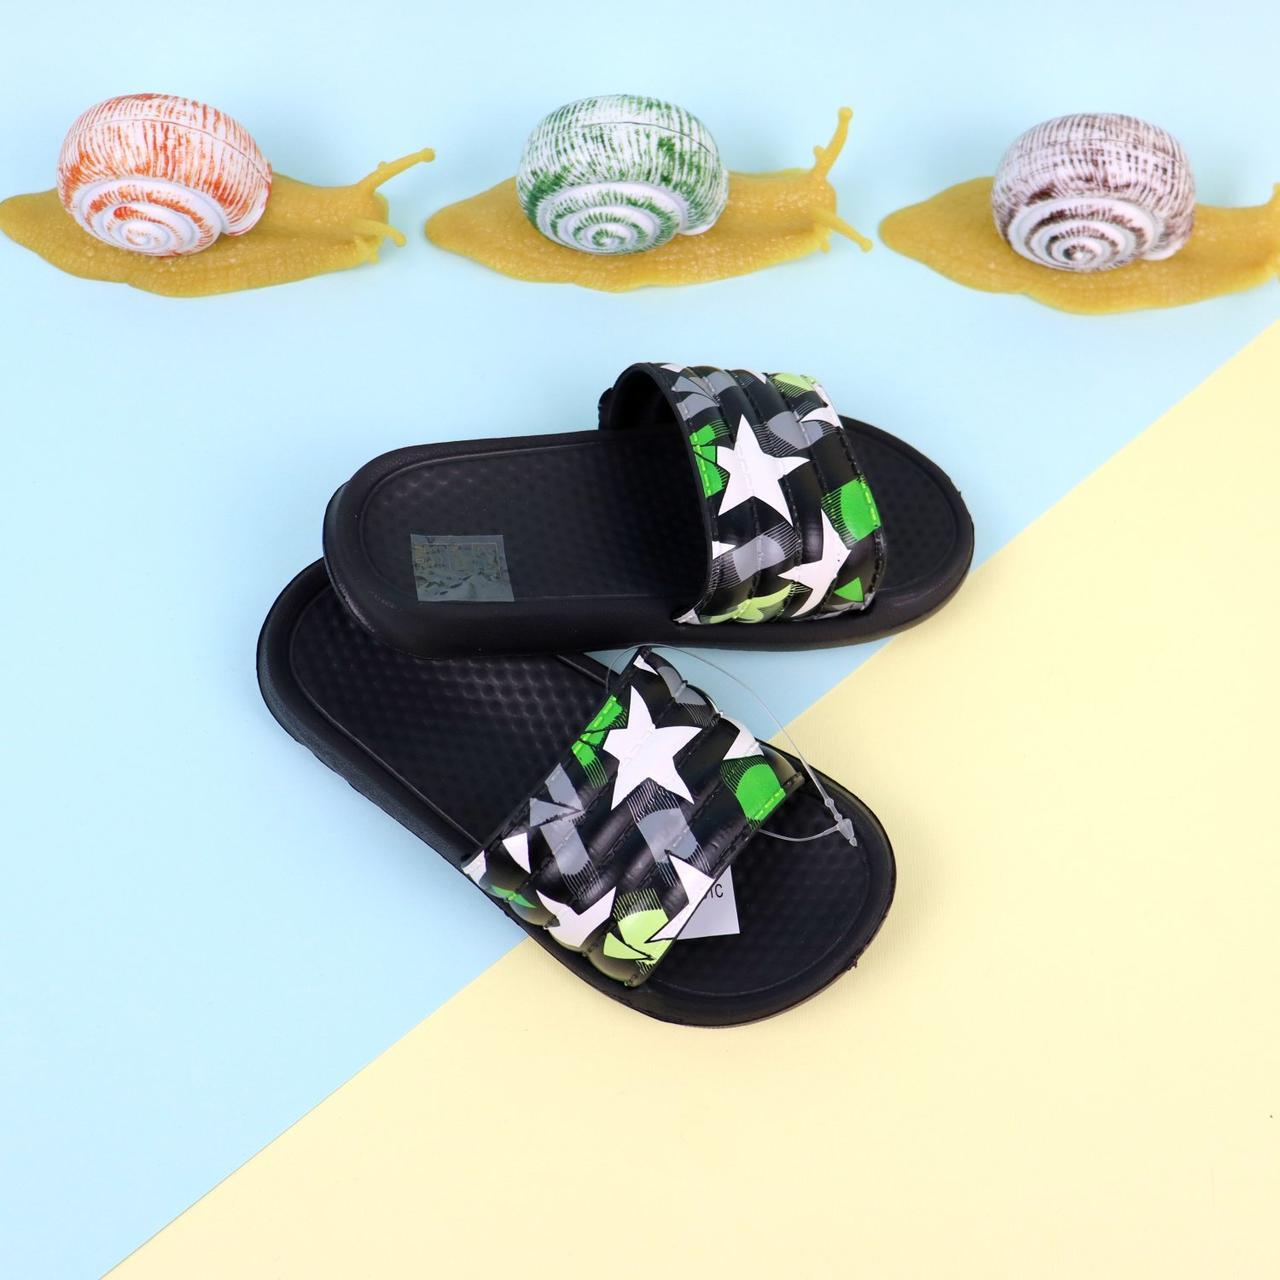 Шлепки для детей Звезды пляжная обувь тм GIOLAN размер 24,25,26,27,28,29,30,31,32,33,34,35